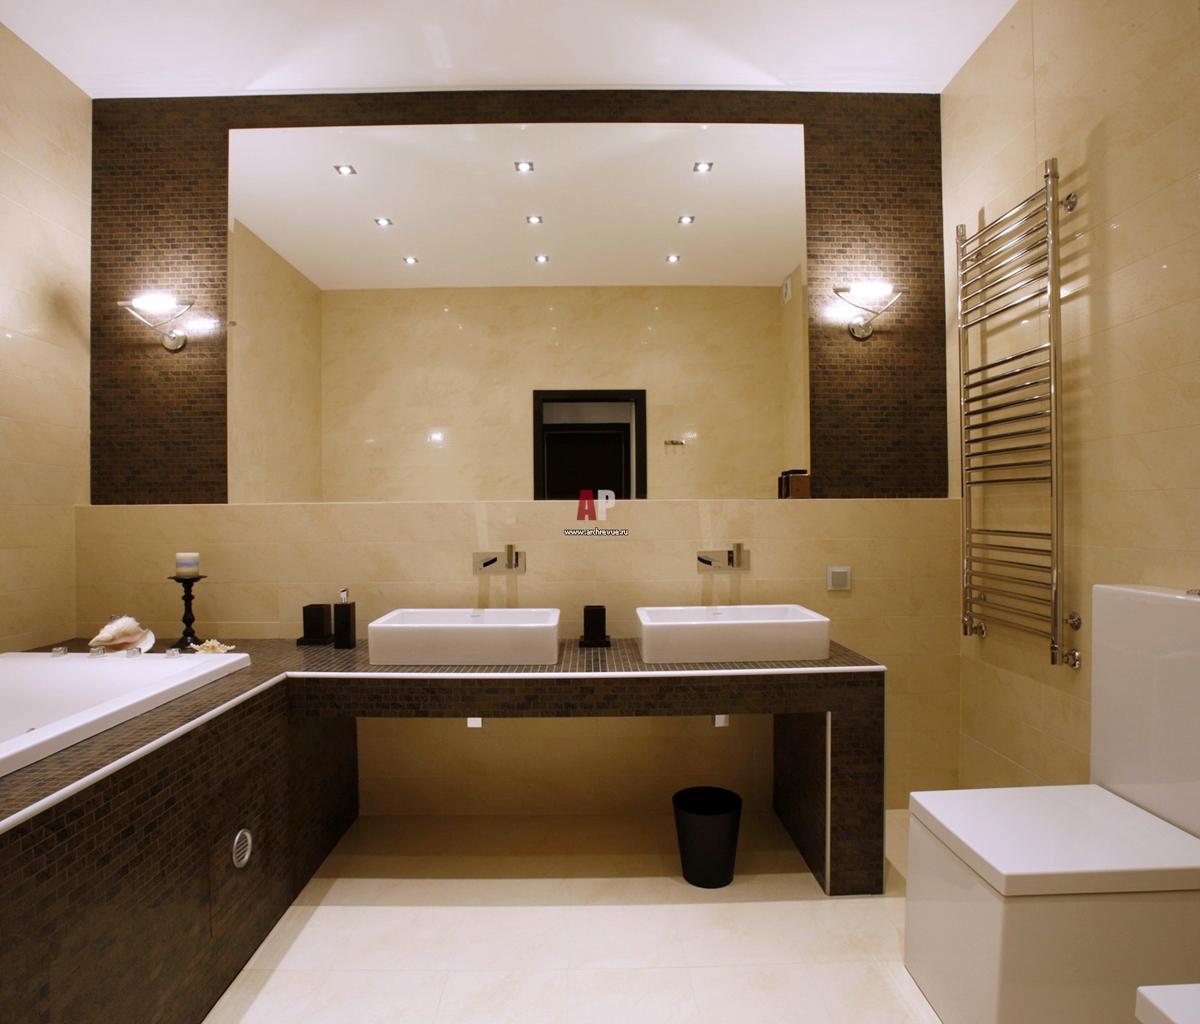 конструктивизм в интерьере ванной фото